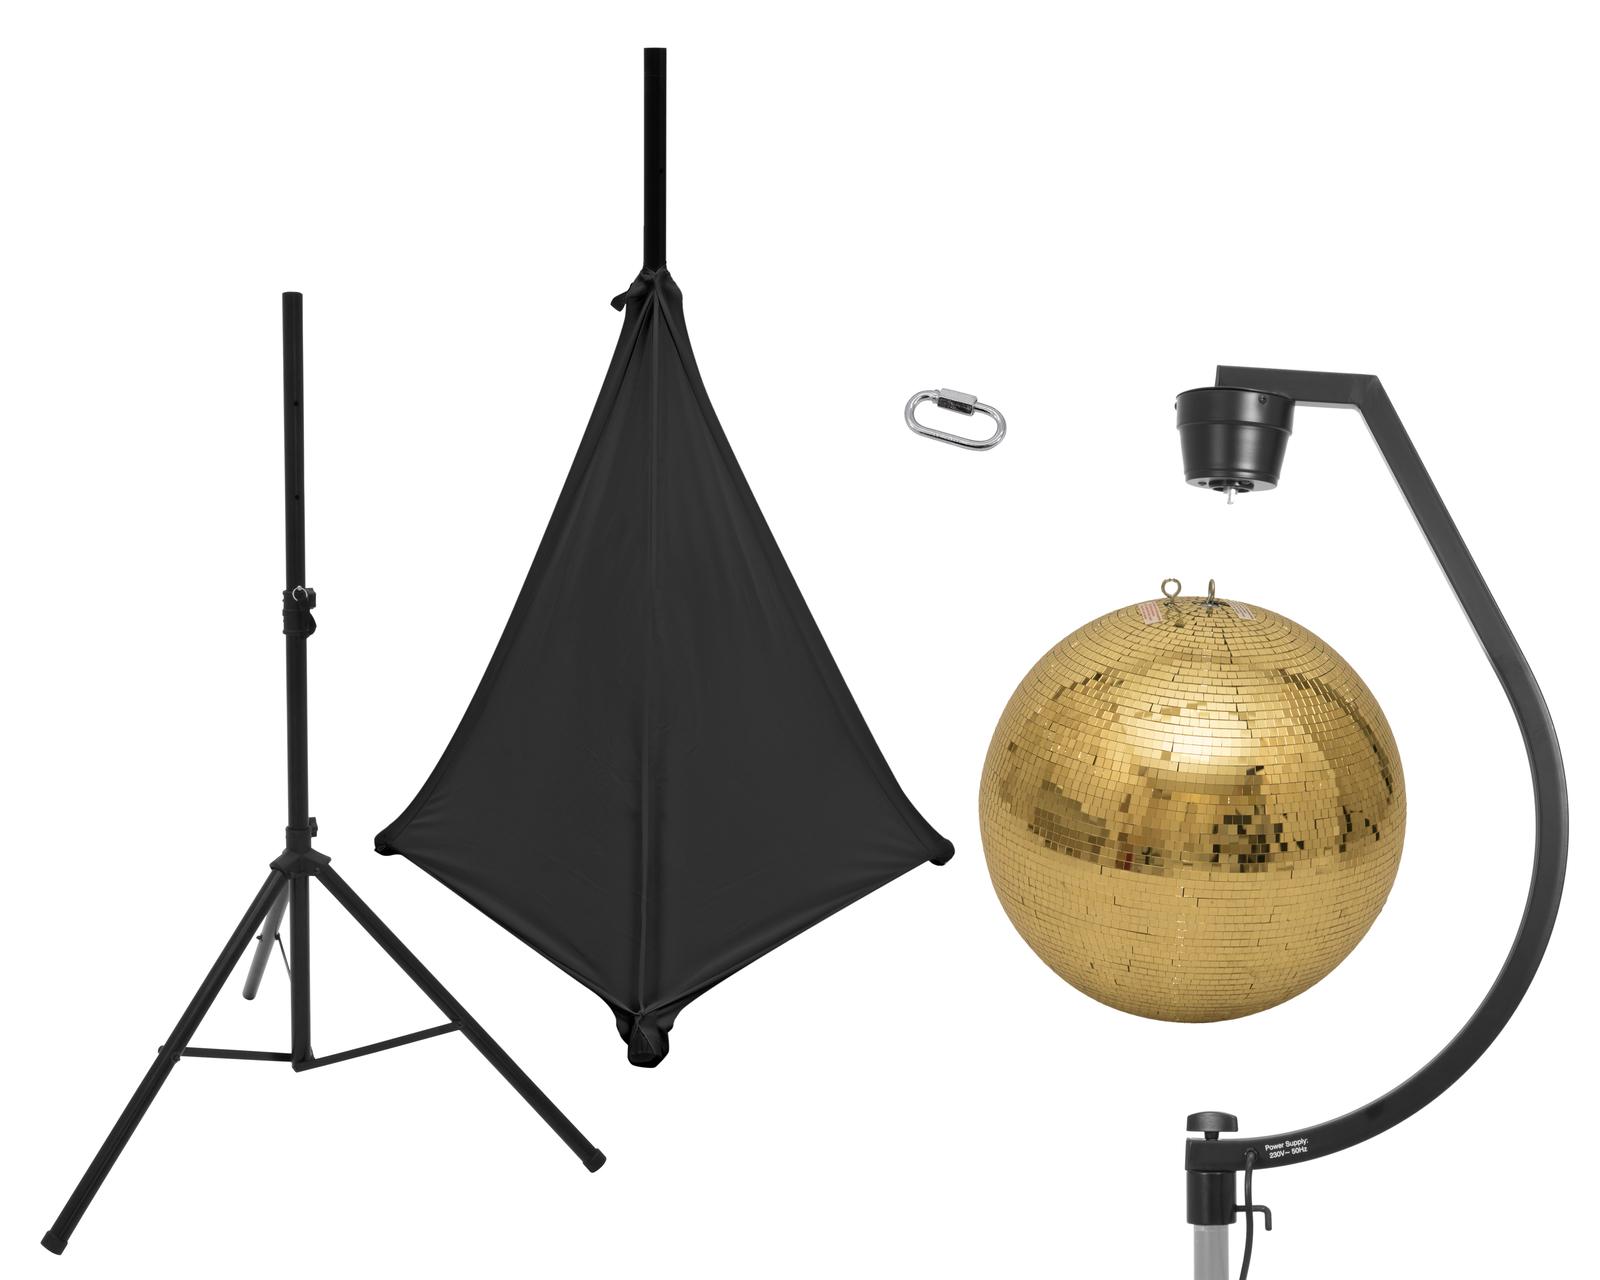 EUROLITE Set Spiegelkugel 50cm gold mit Stativ und Segel schwarz